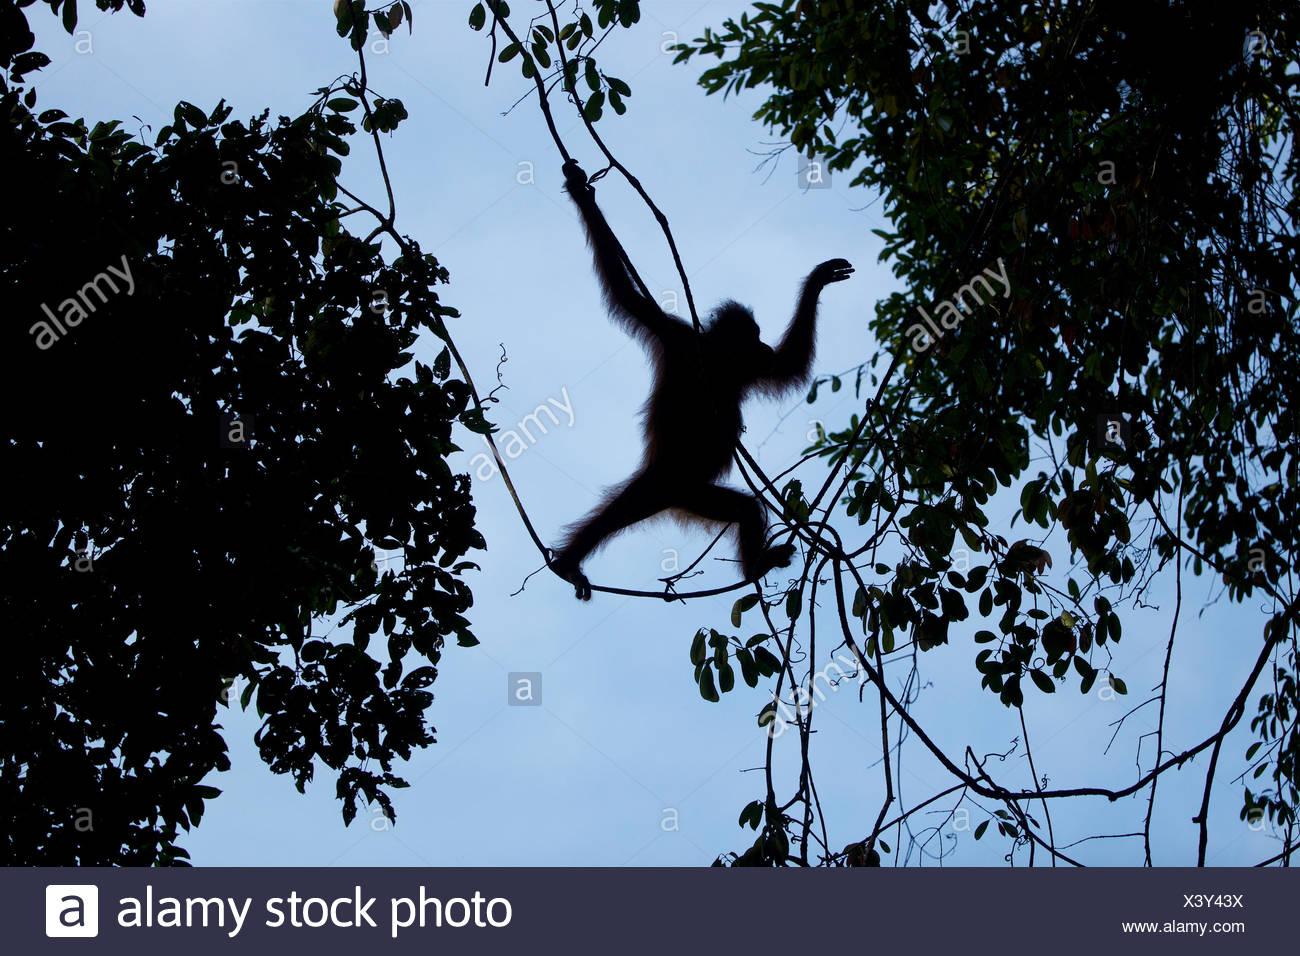 Femelle adulte orang-outan, Pongo pygmaeus, wurmbii avec un pied gauche blessé, balançoires, des arbres à Gunung Palung National Park. Photo Stock